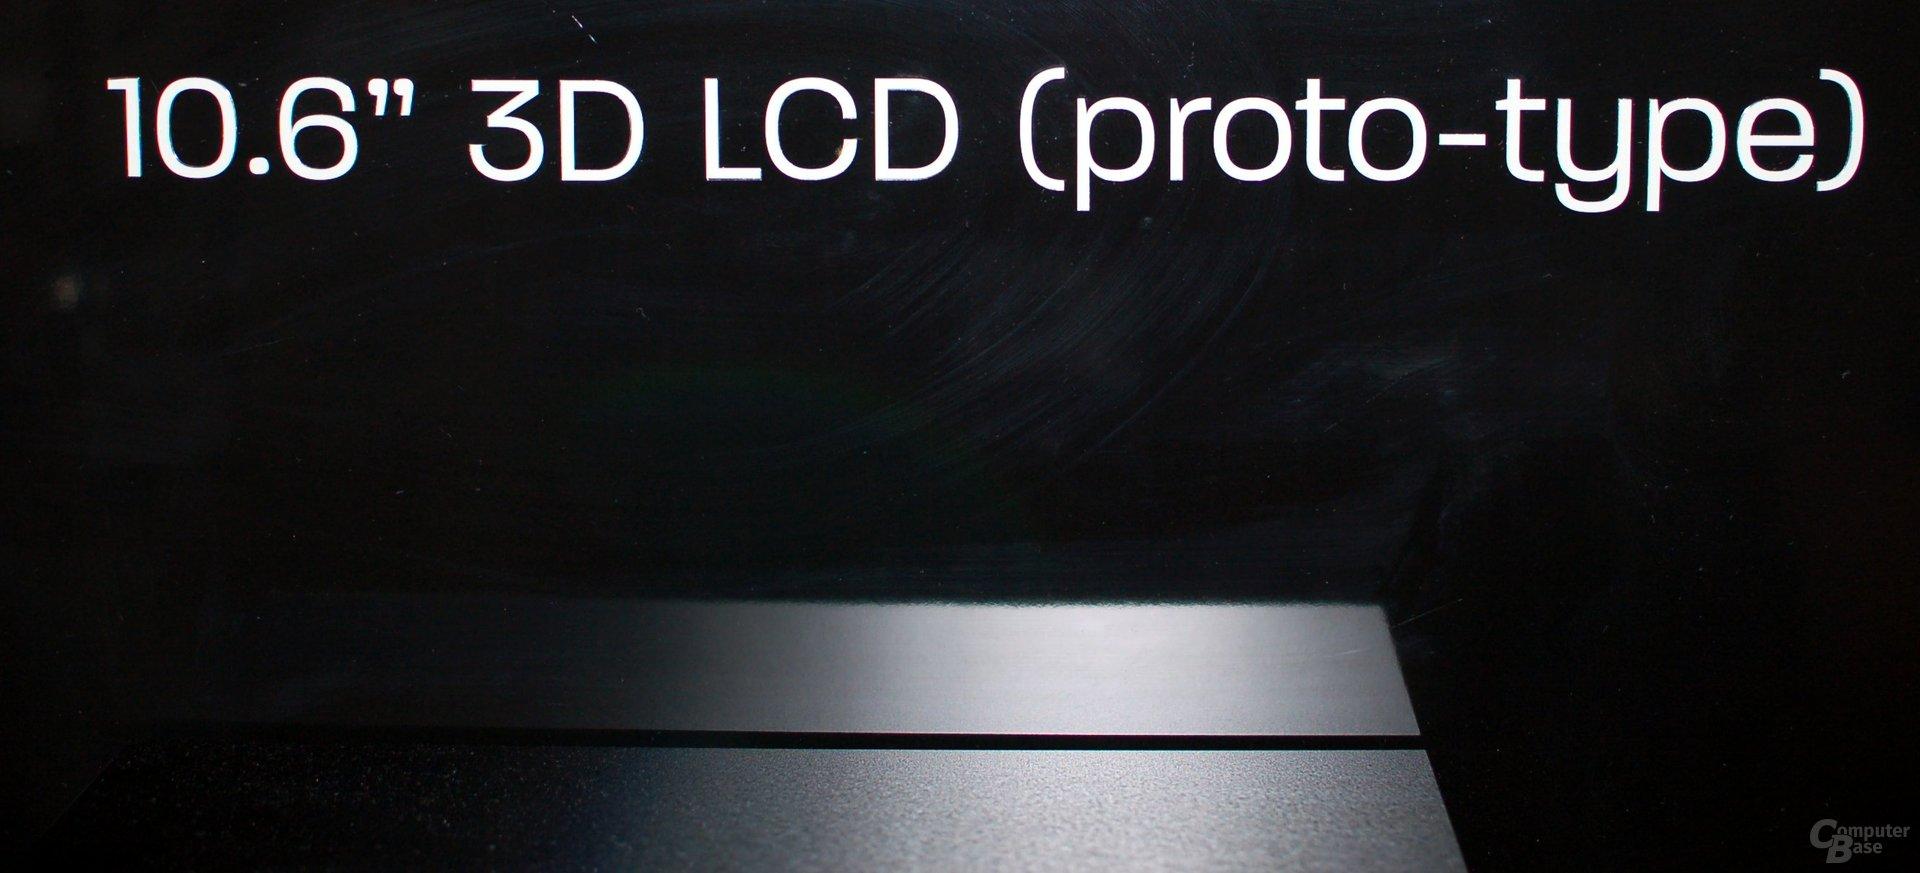 Sharps Prototypen von 3D-Bildschirmen ohne Shutterbrille